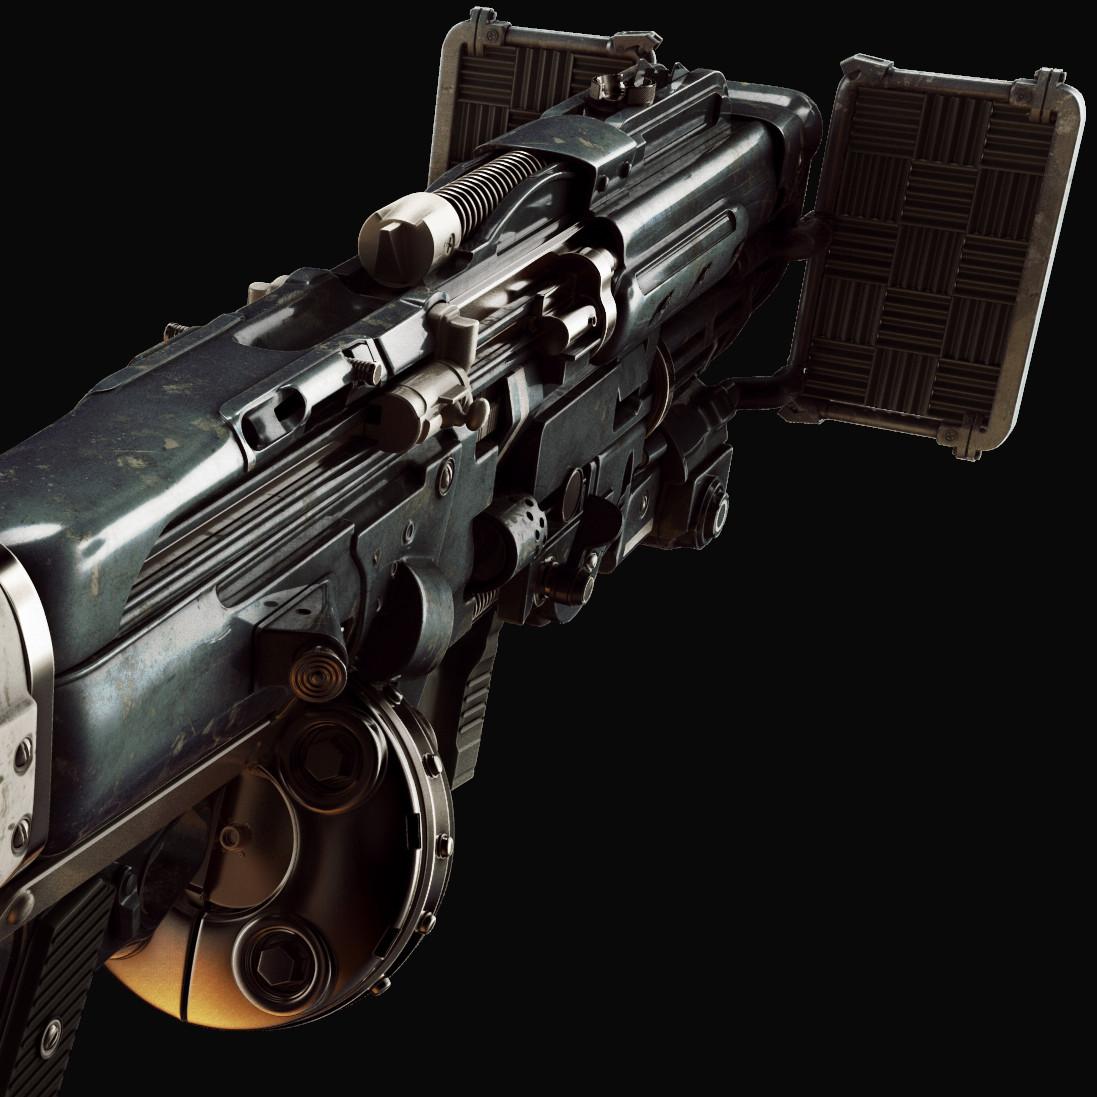 SCI-FI concussion gun